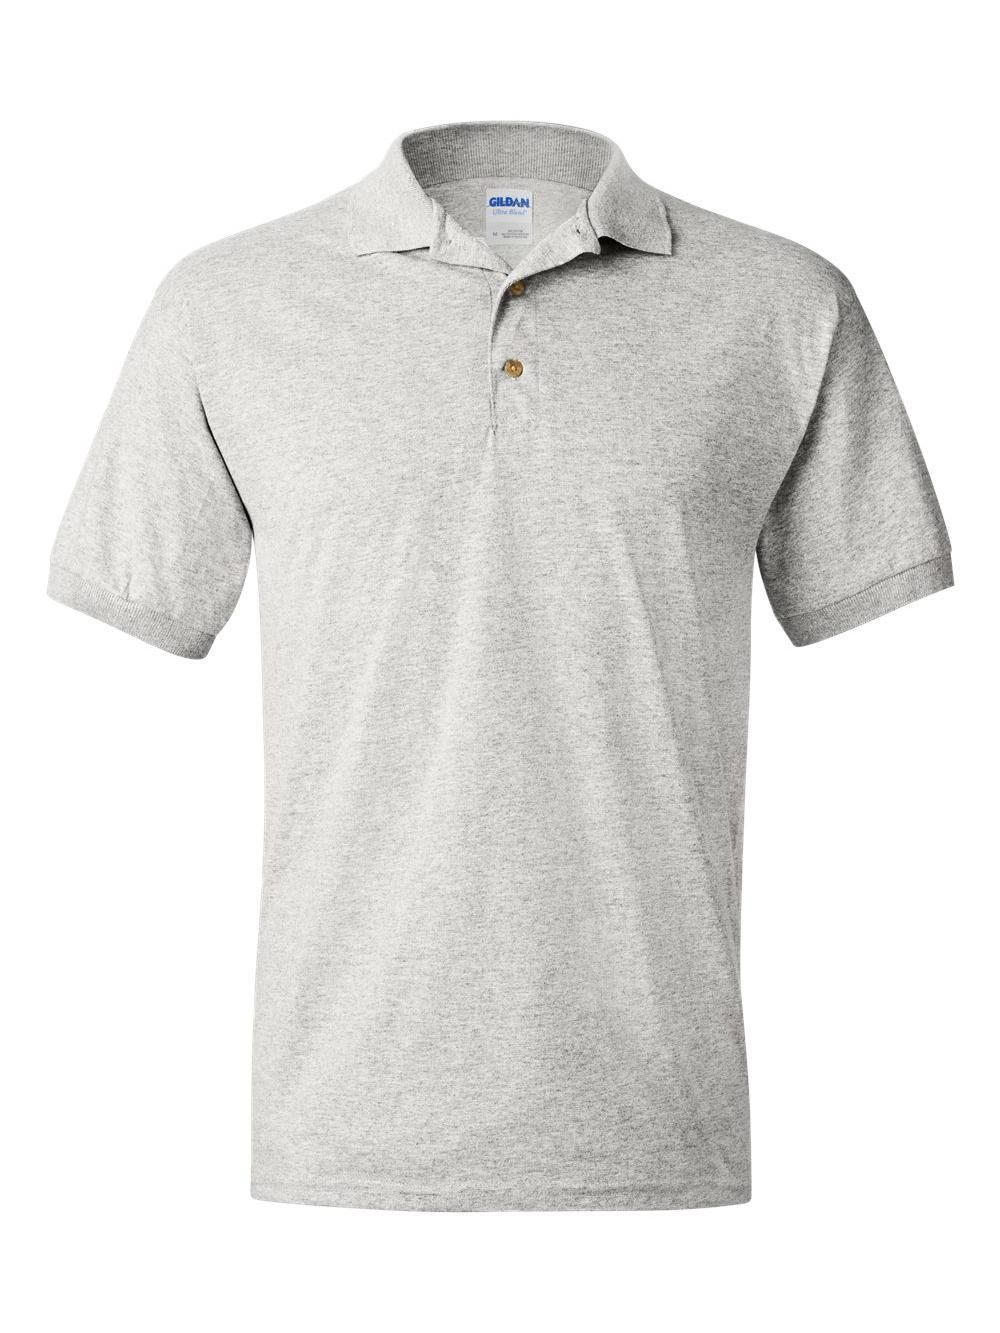 Gildan-DryBlend-Jersey-Sport-Shirt-8800 thumbnail 3